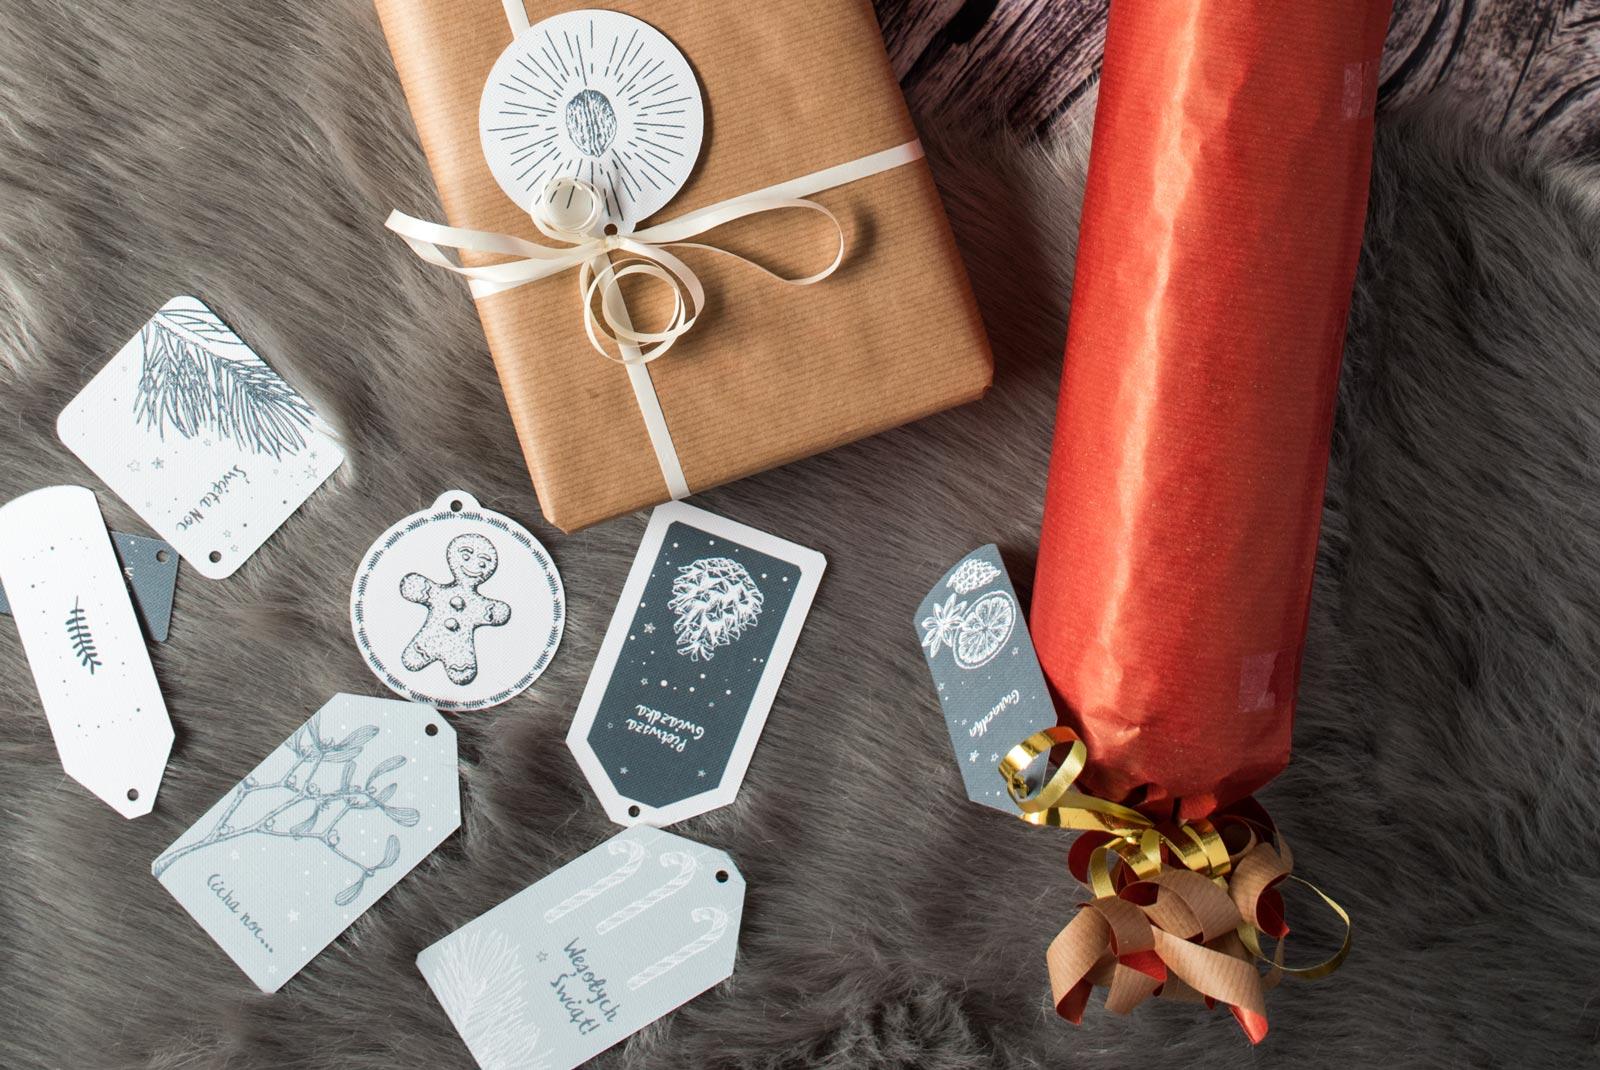 Pobierz nasze darmowe etykiety do druku i obdaruj bliskich na Święta.